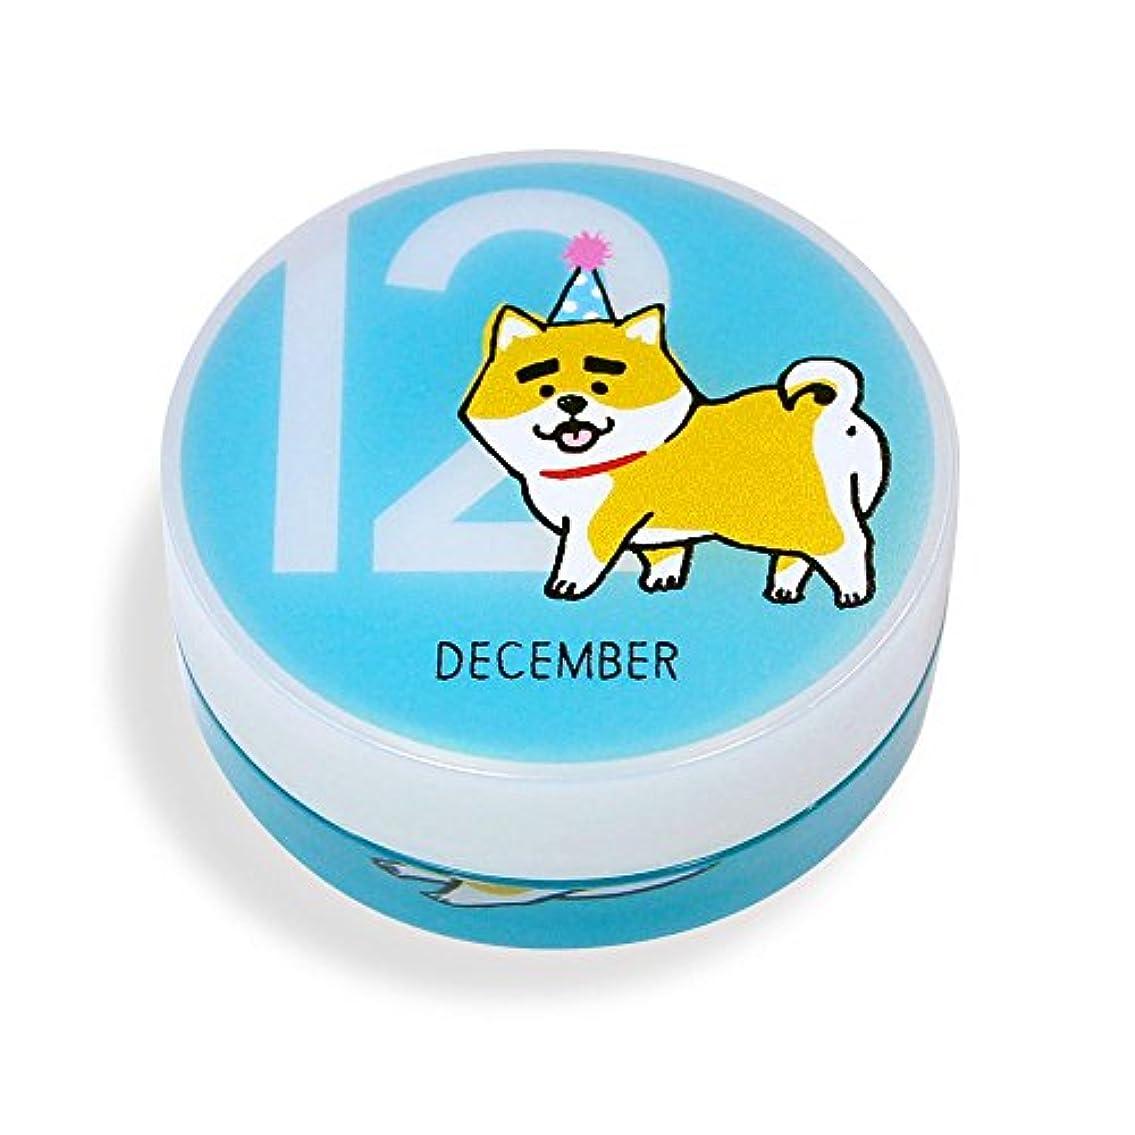 記念日魅惑する繁雑しばんばん フルプルクリーム 誕生月シリーズ 12月 20g